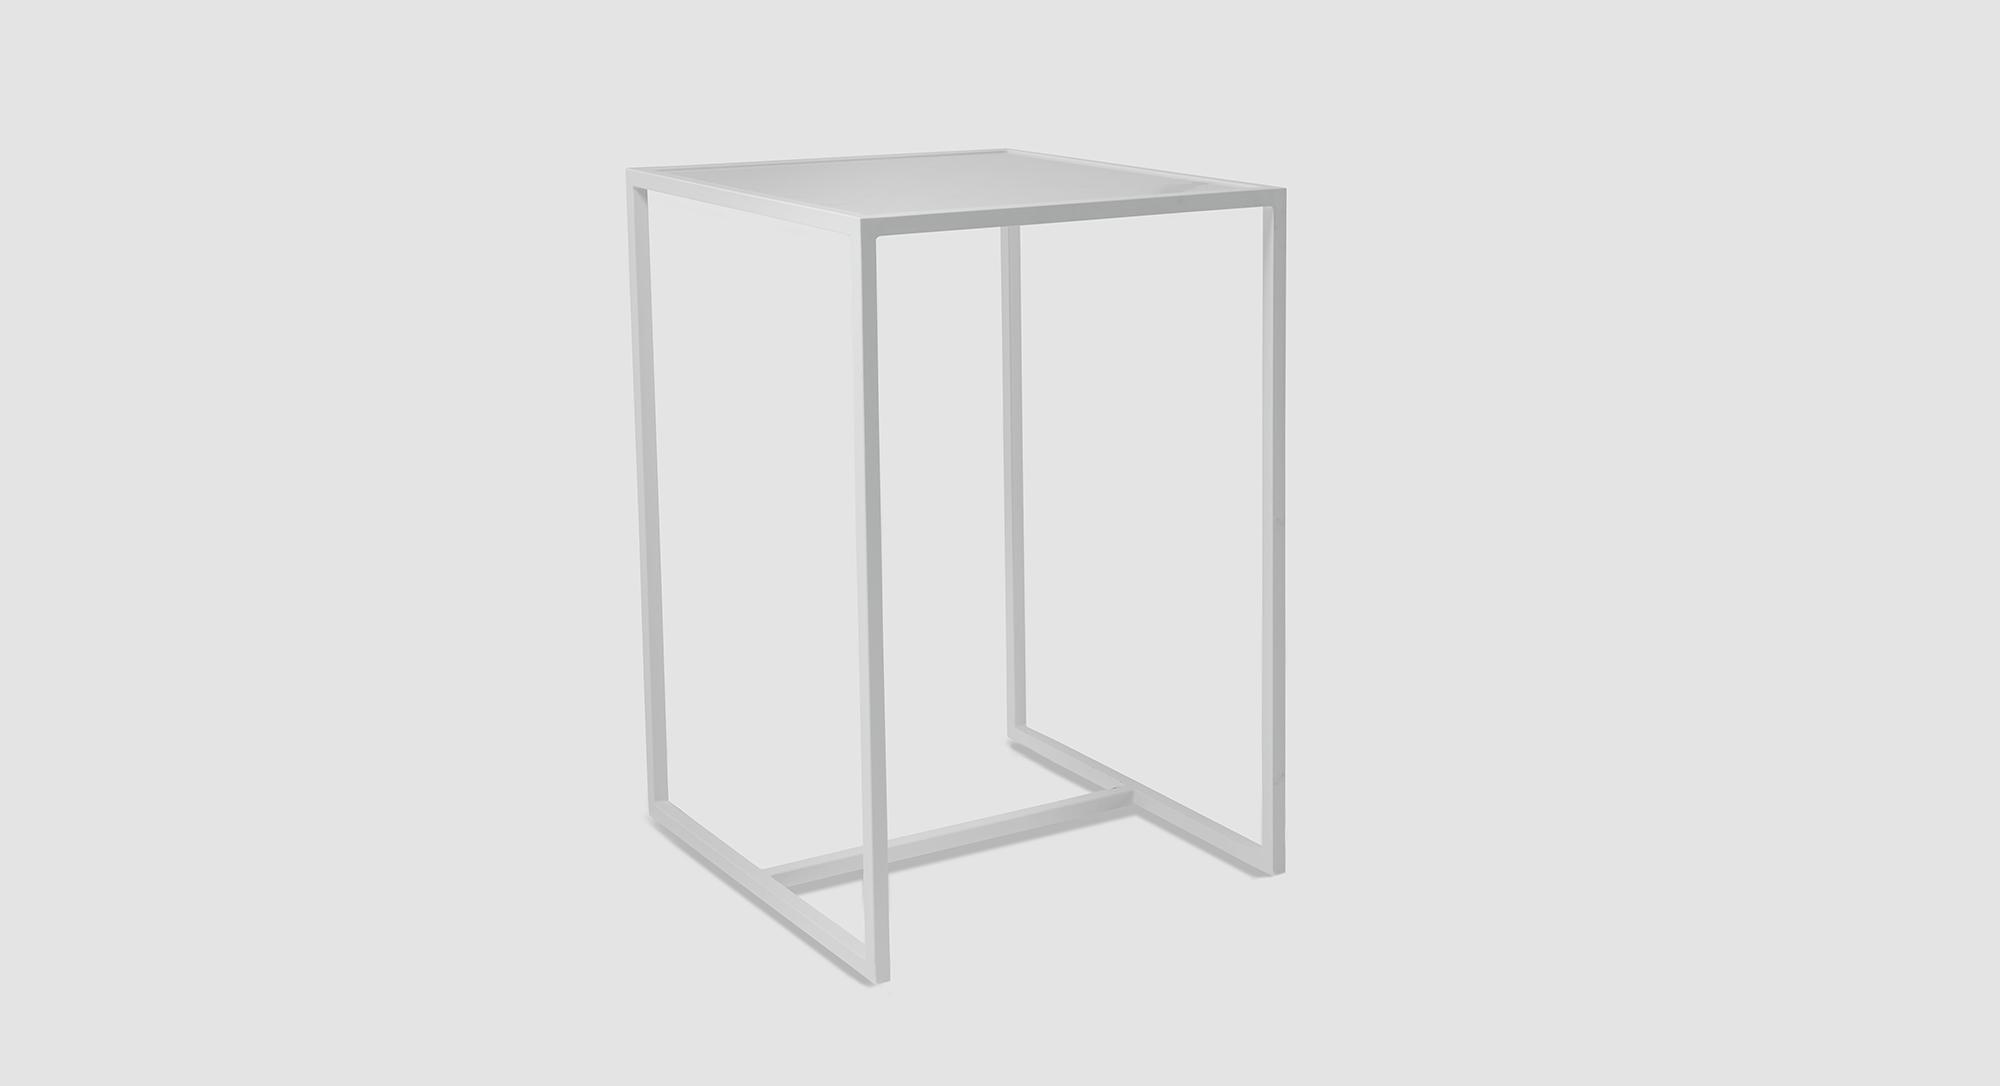 Frame Stool Table White